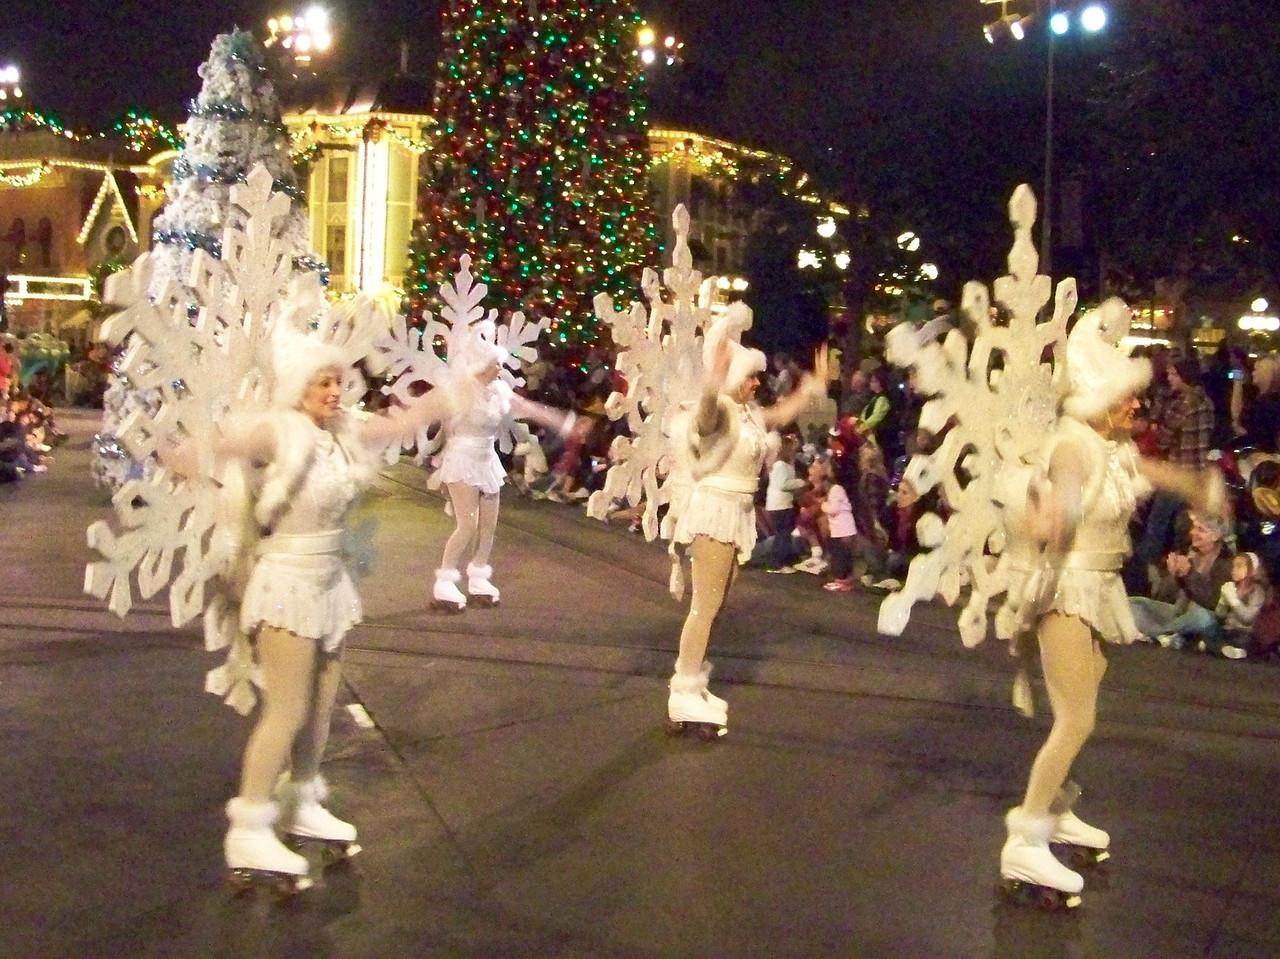 Disneyland - A Christmas Fantasy parade